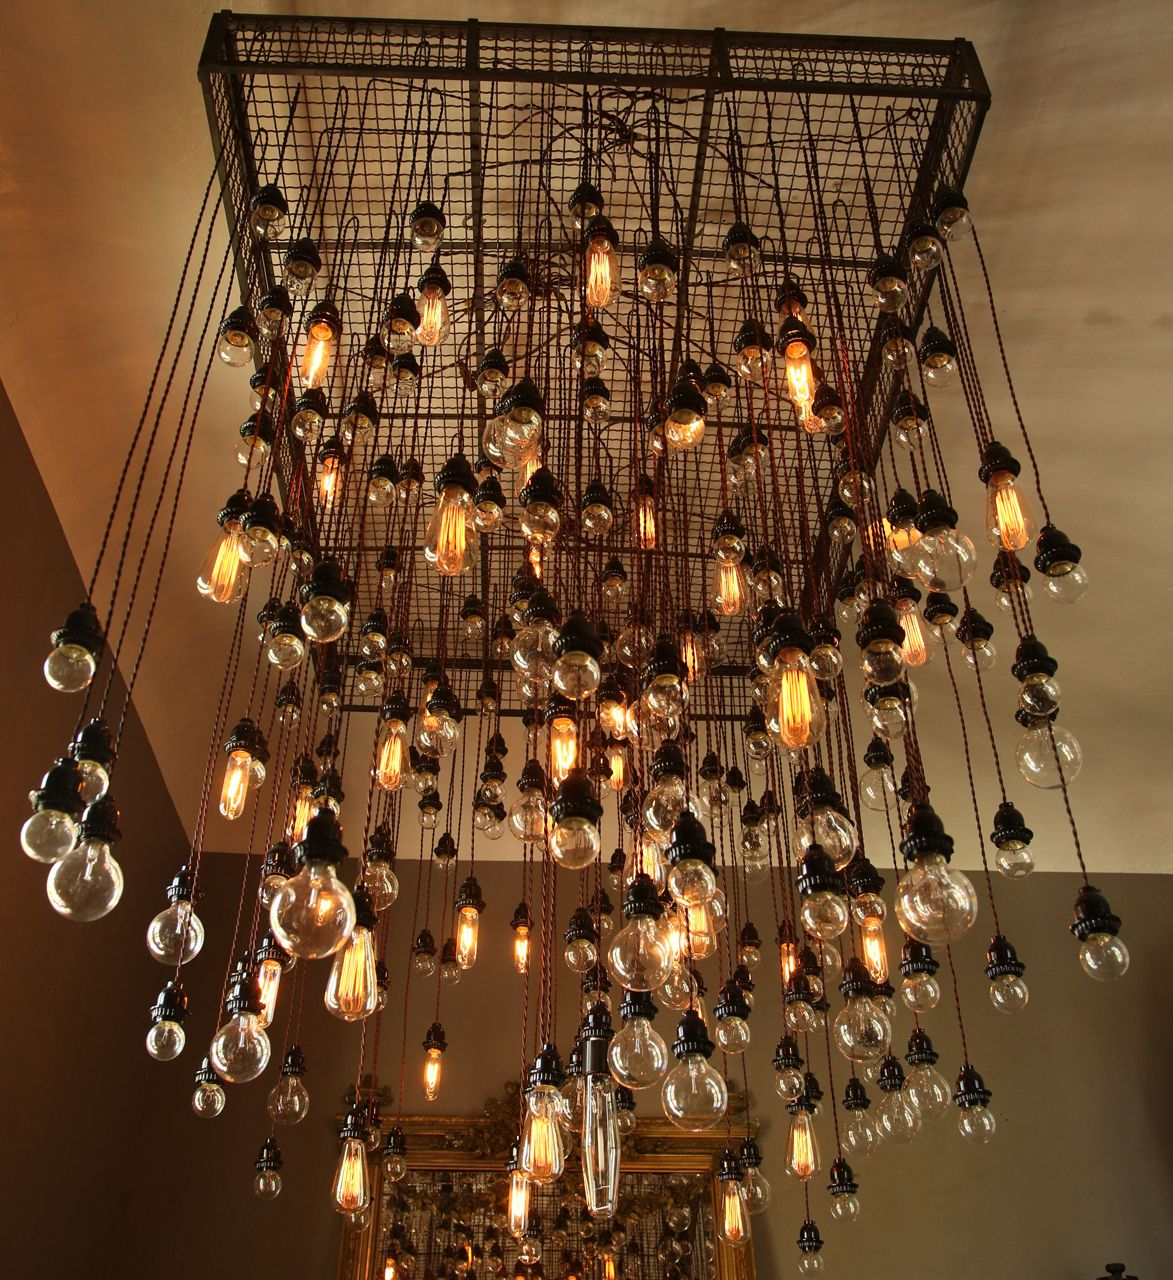 285 Bulb Industrial Chandelier Lighting Loves